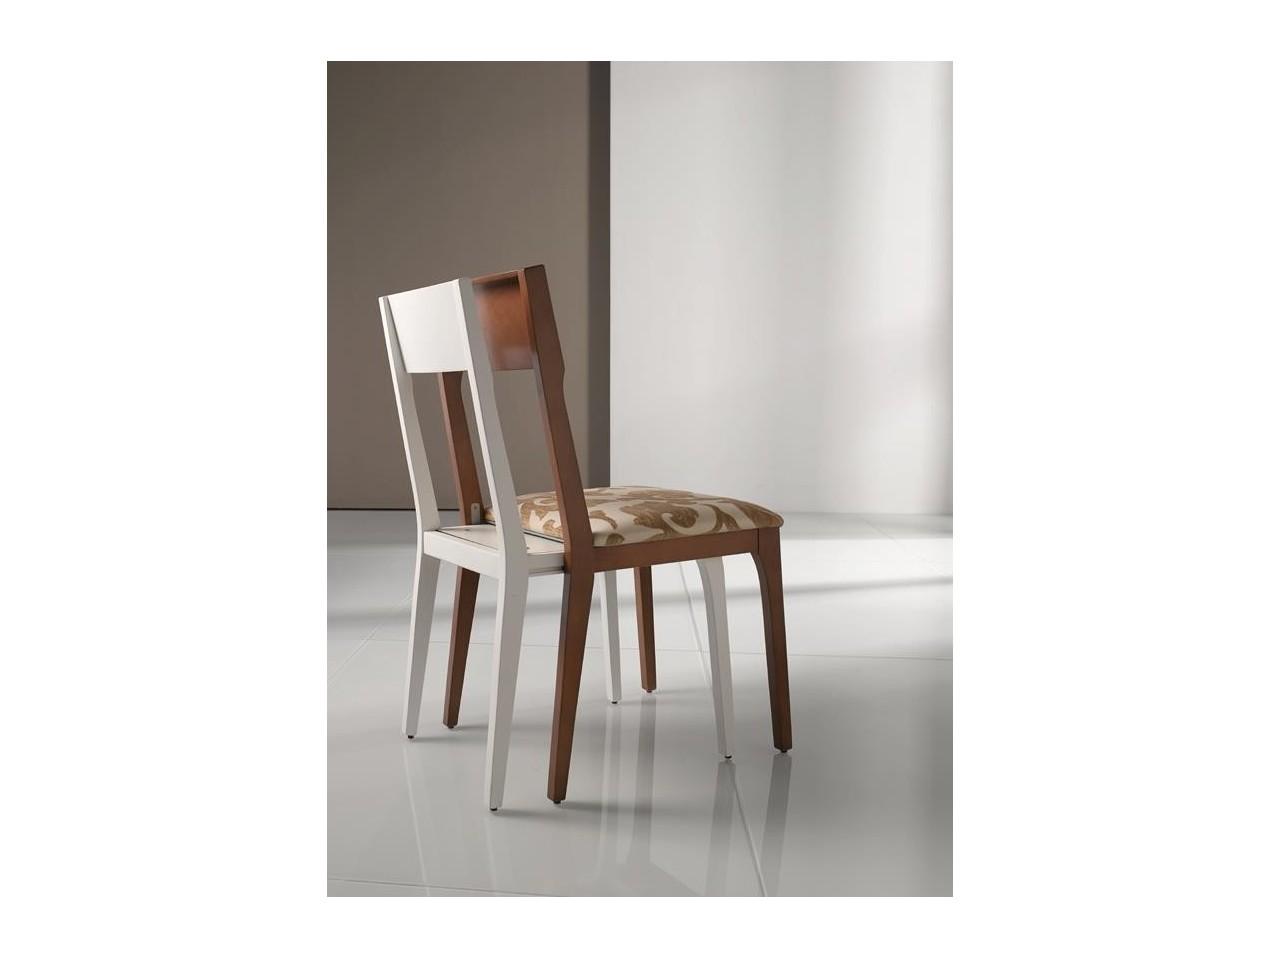 Pack Mesa extensible 120140 a 200220 y 6 sillas dobles del modelo Due del fabricante Moya Andreu en Zaragoz